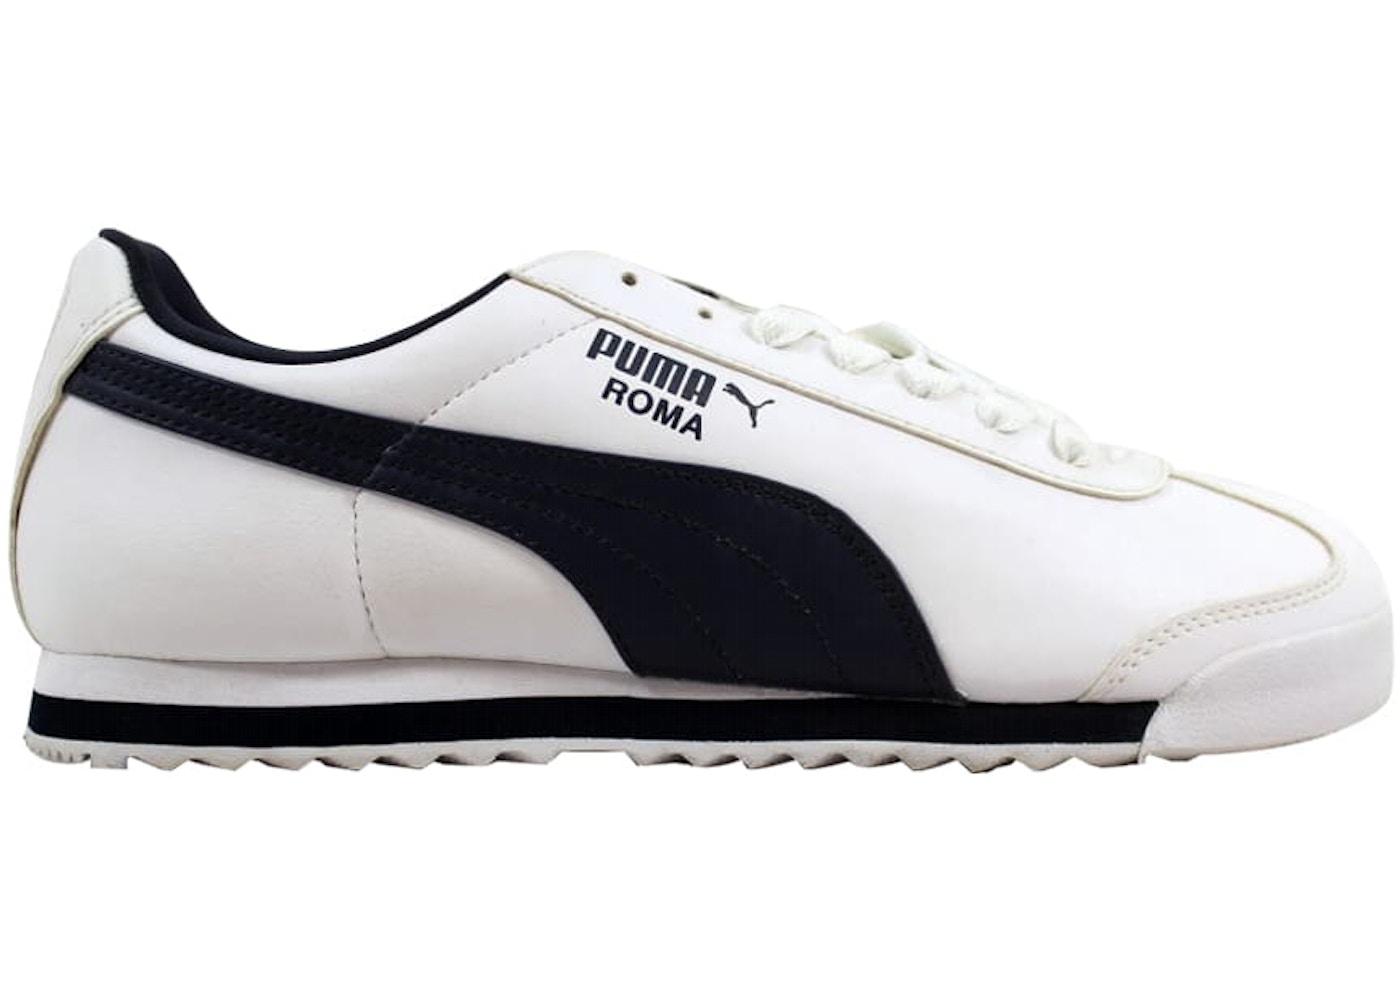 672e0e6d14 Puma Roma Basic White